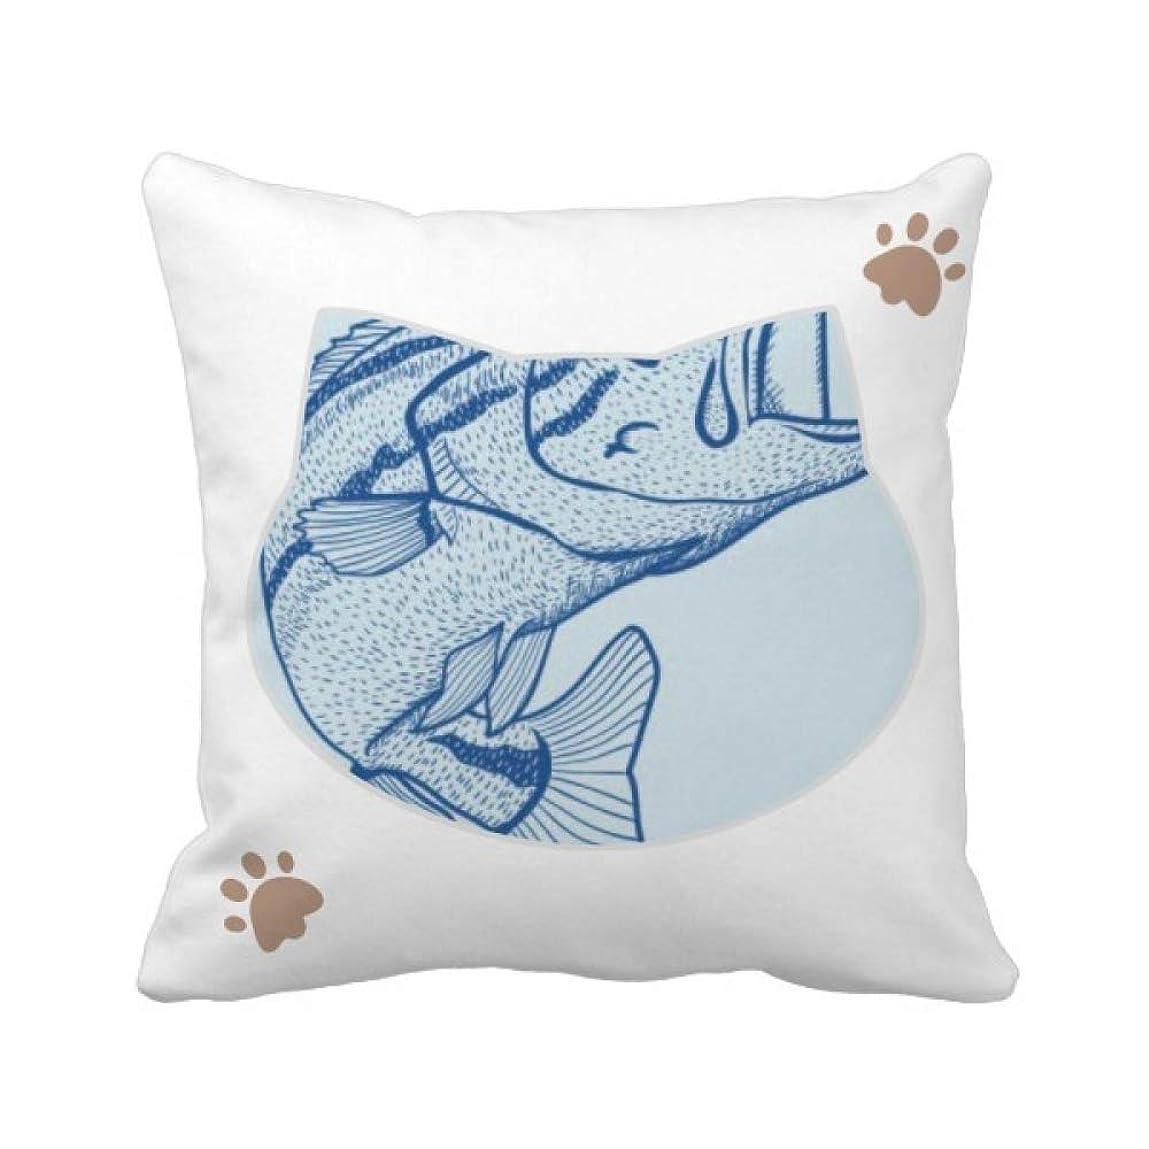 燃やす大きなスケールで見るとコットン穀物ブルービッグフィッシュ 枕カバーを放り投げる猫広場 50cm x 50cm